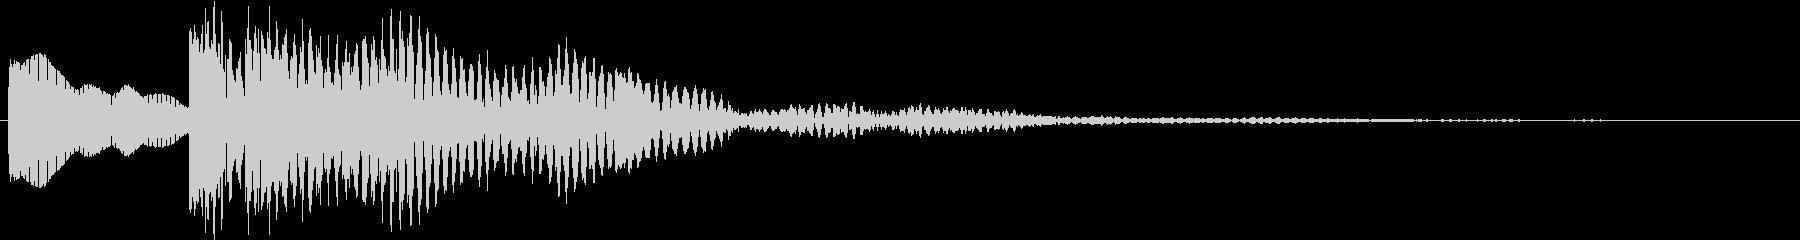 サンドロゴ(オリエンタル)の未再生の波形